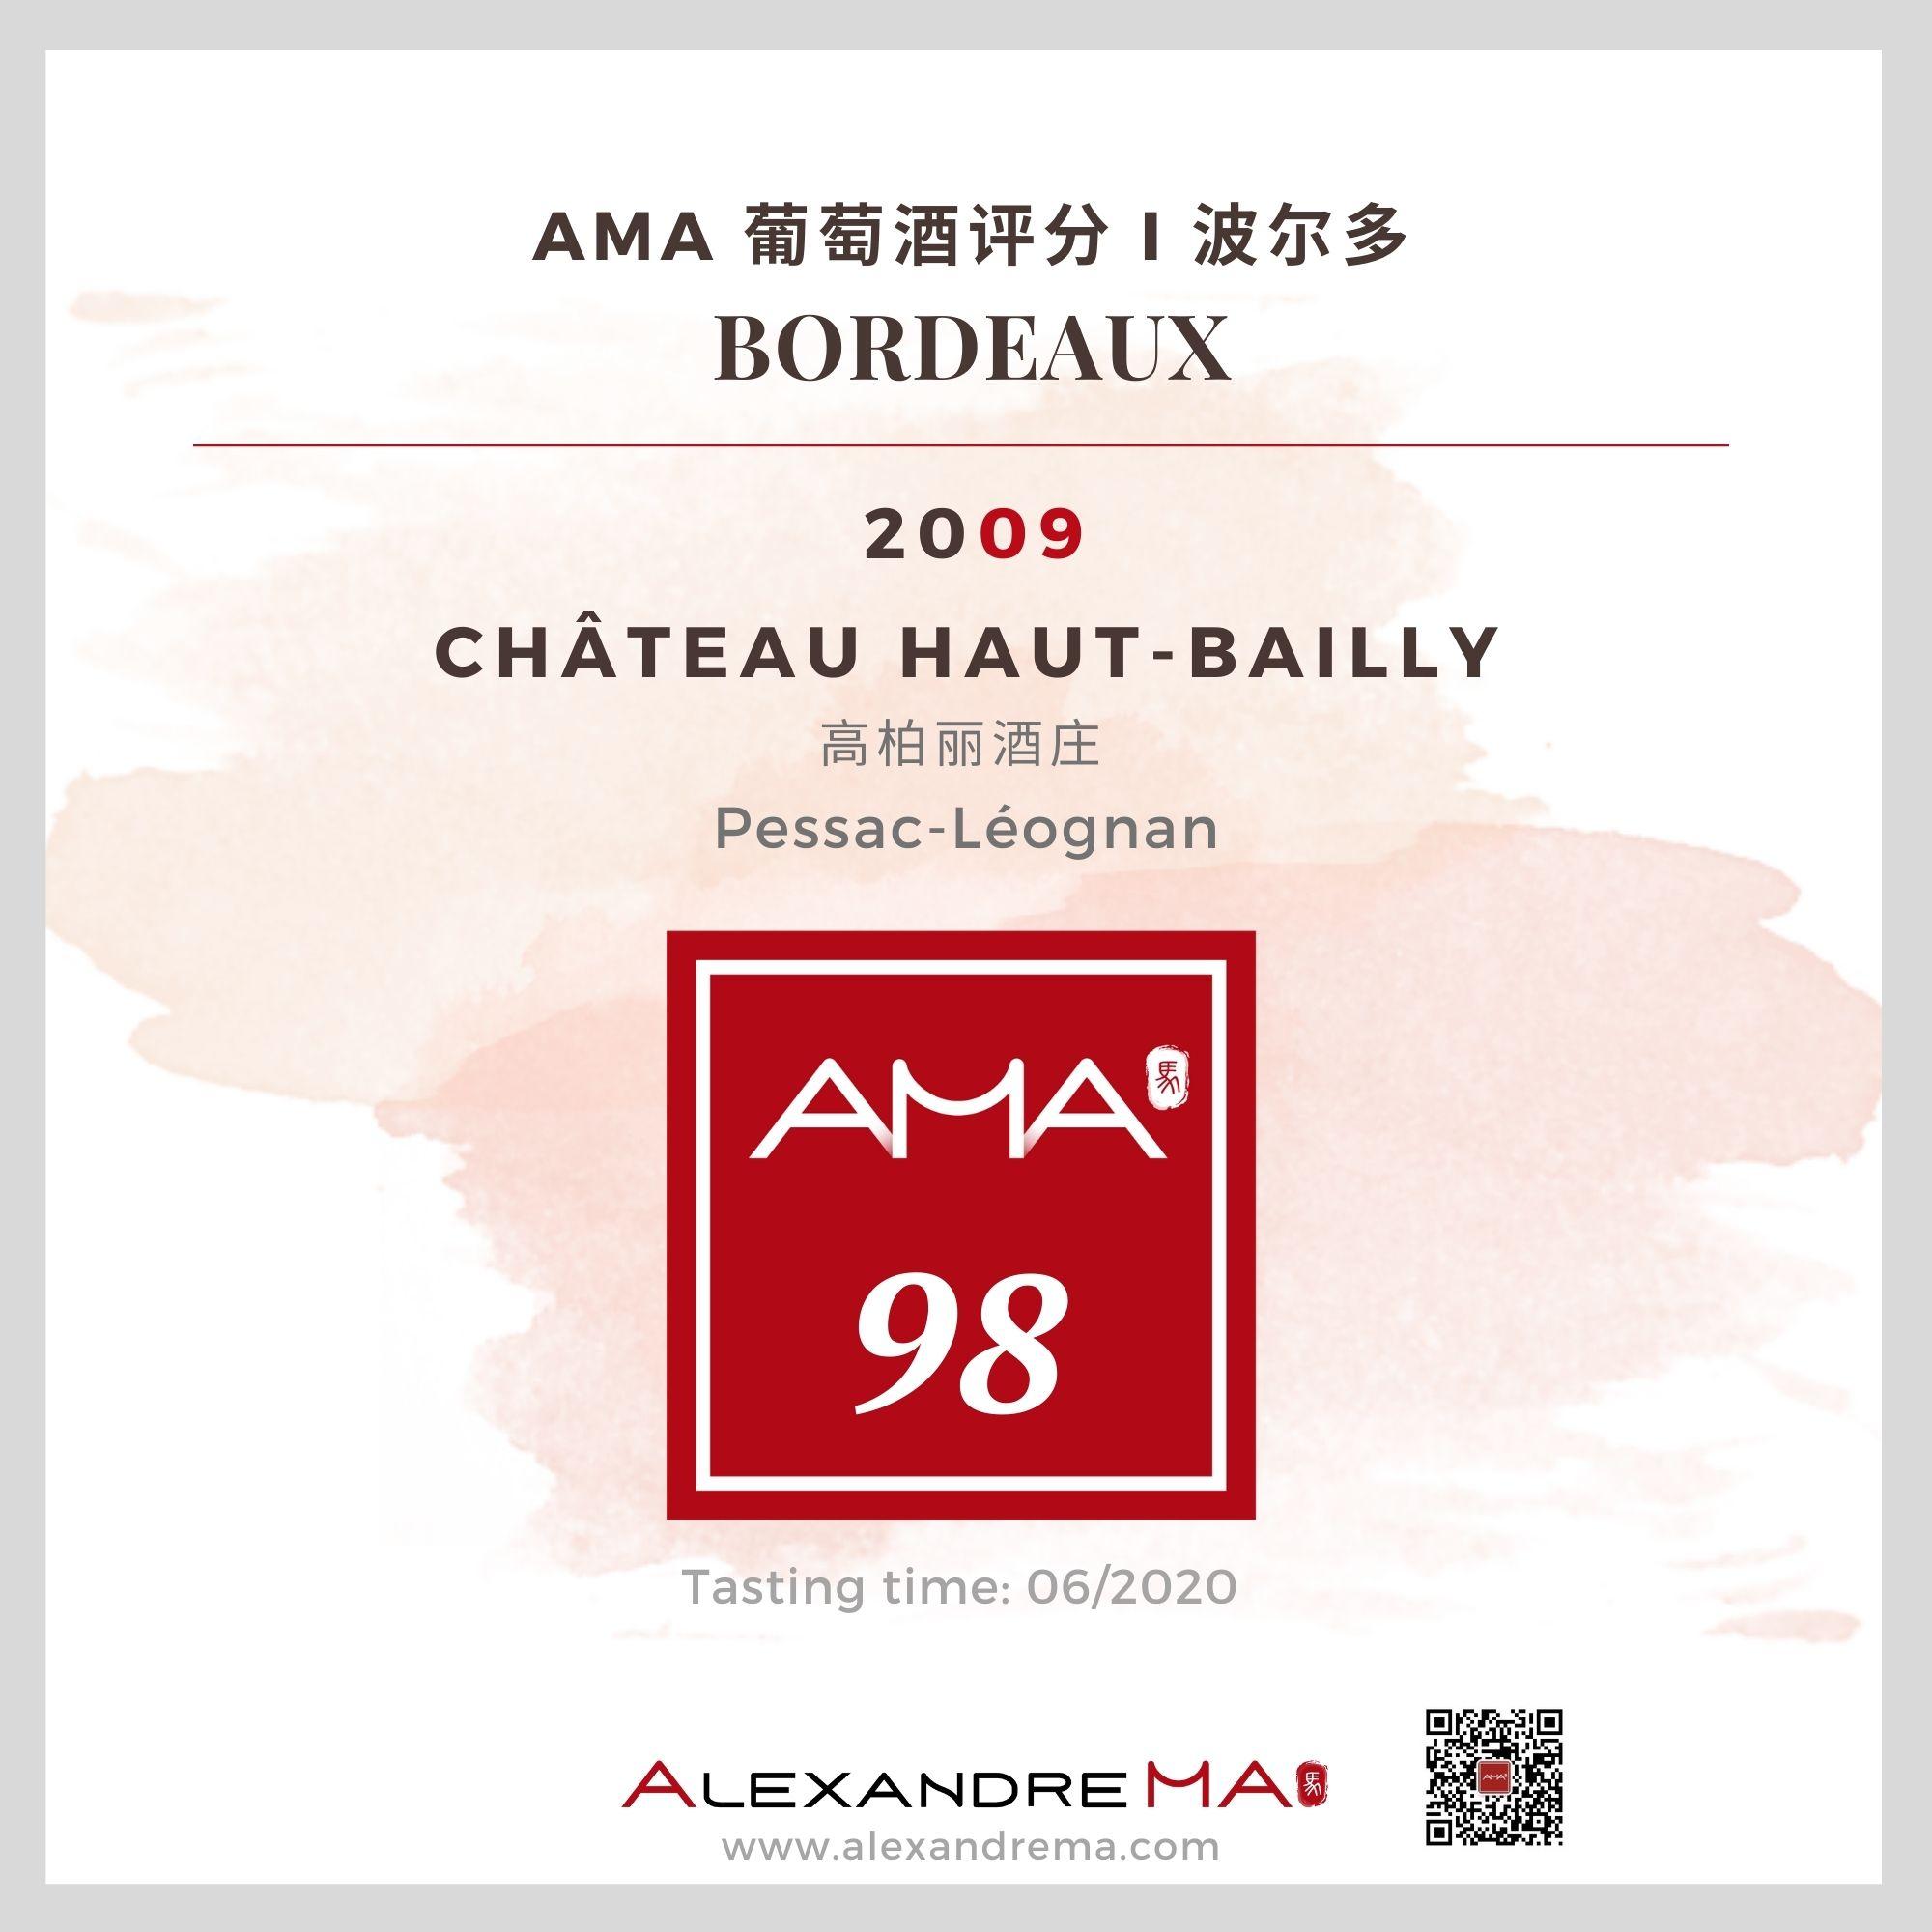 Château Haut-Bailly 2009 - Alexandre MA